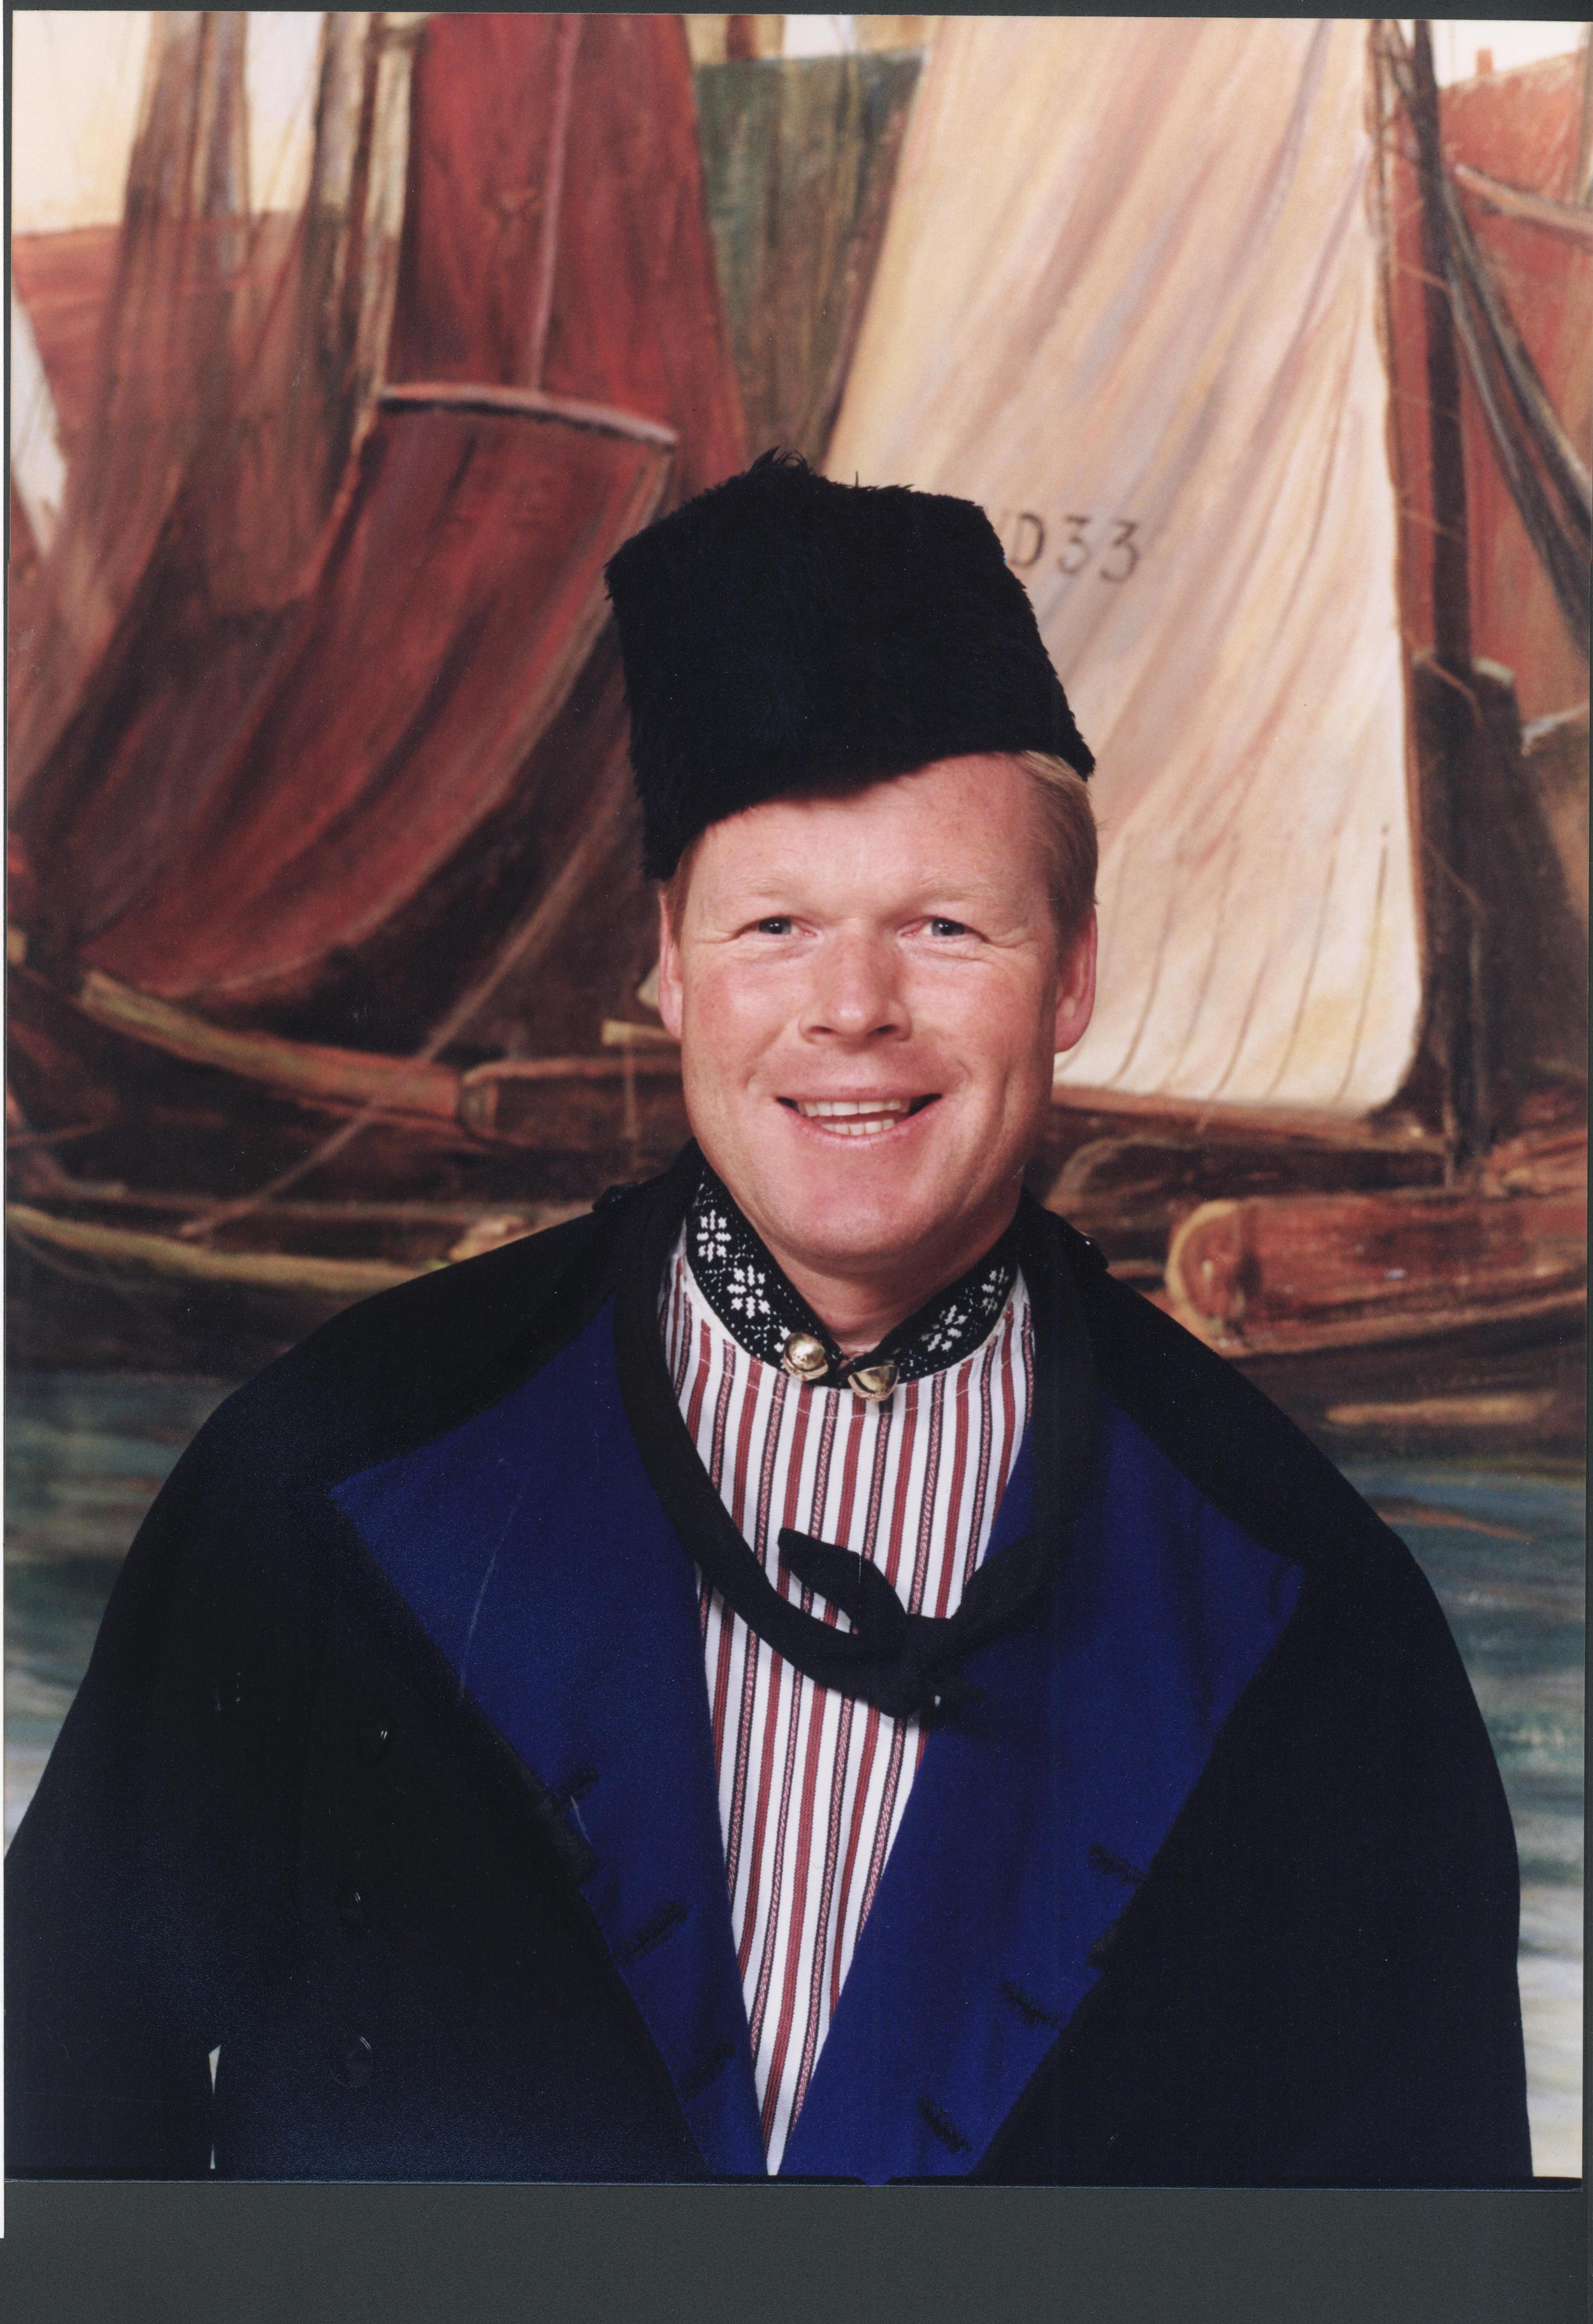 Ronald Koeman in Volendamse klederdracht